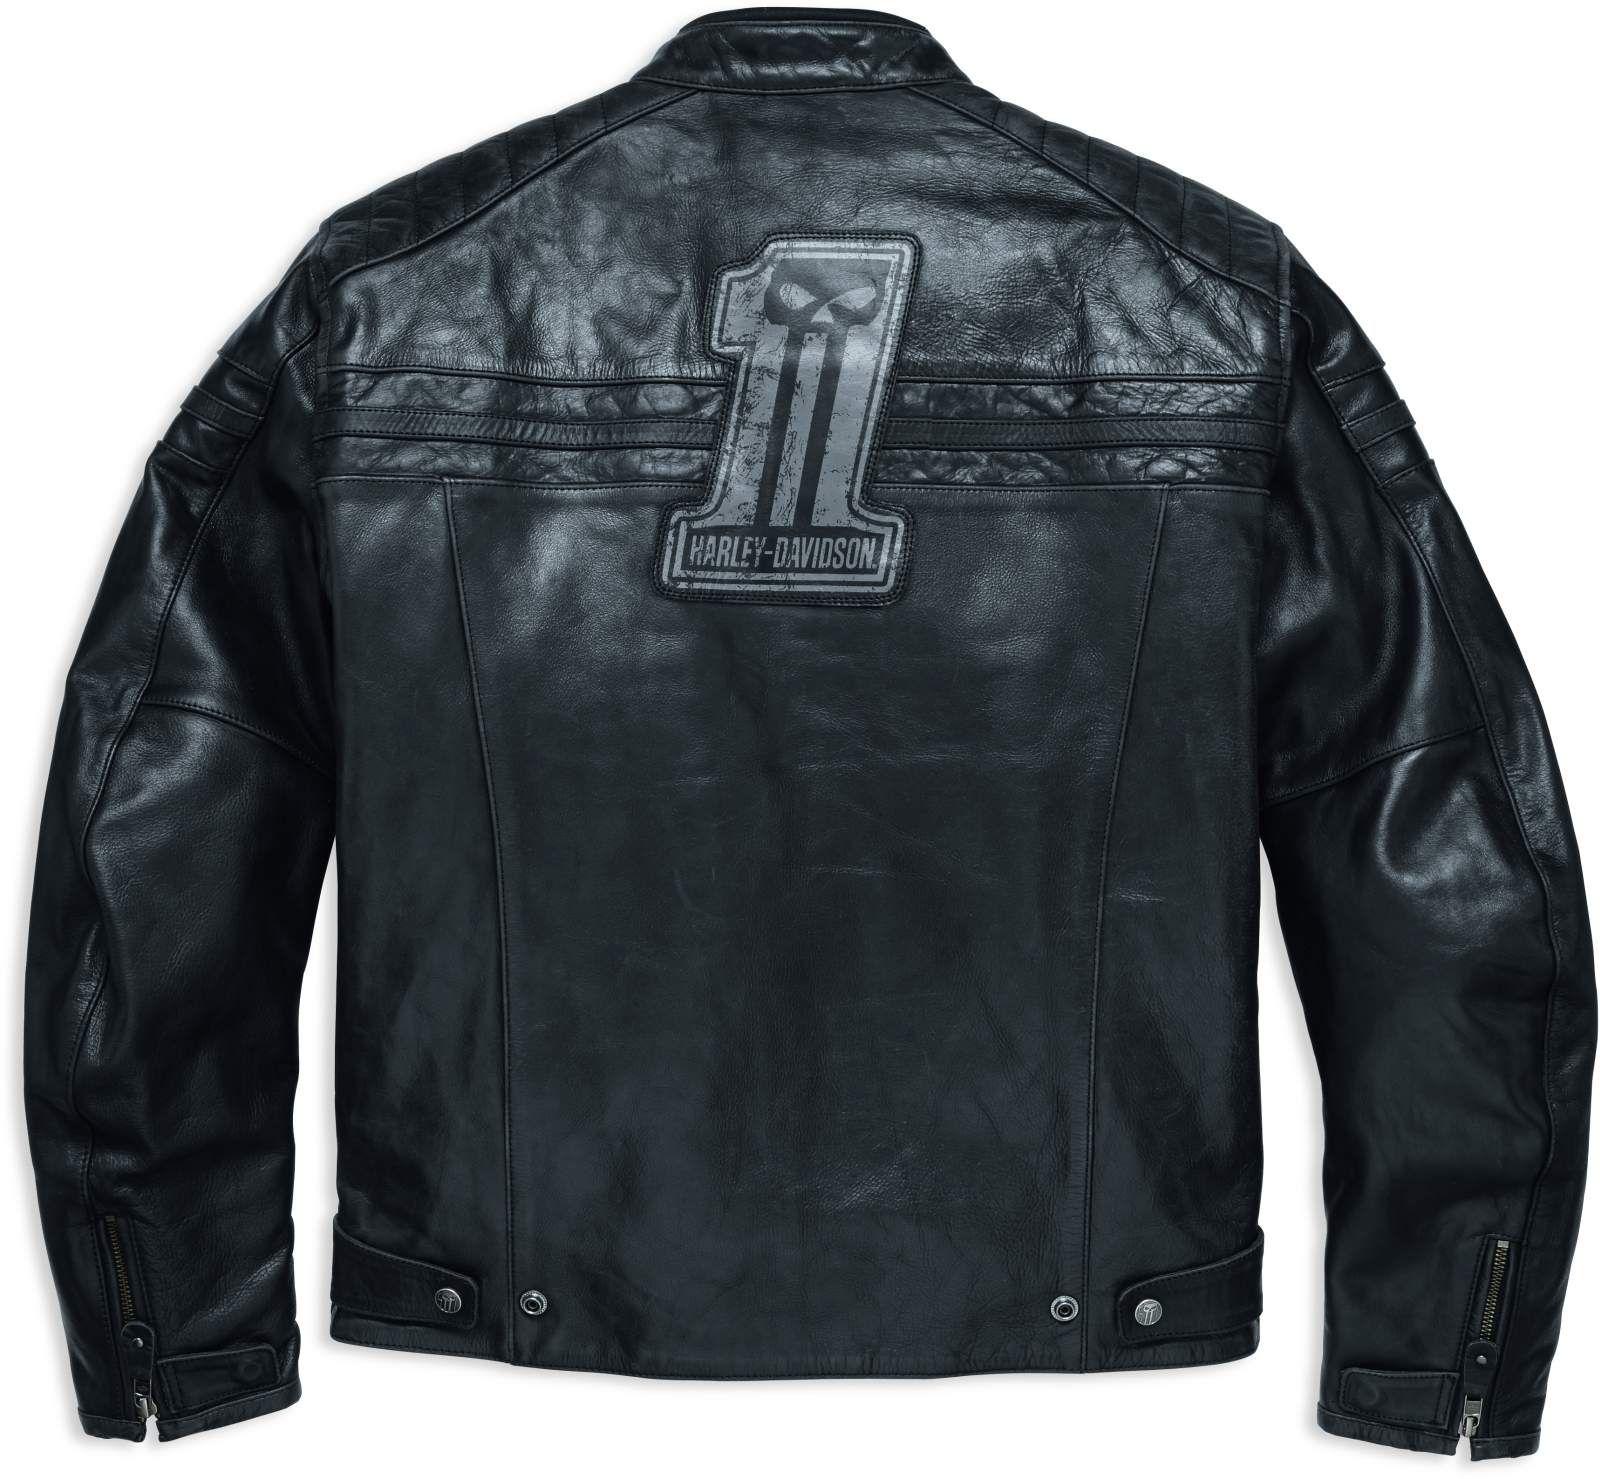 98128 17em harley davidson lederjacke 1 skull im thunderbike shop. Black Bedroom Furniture Sets. Home Design Ideas